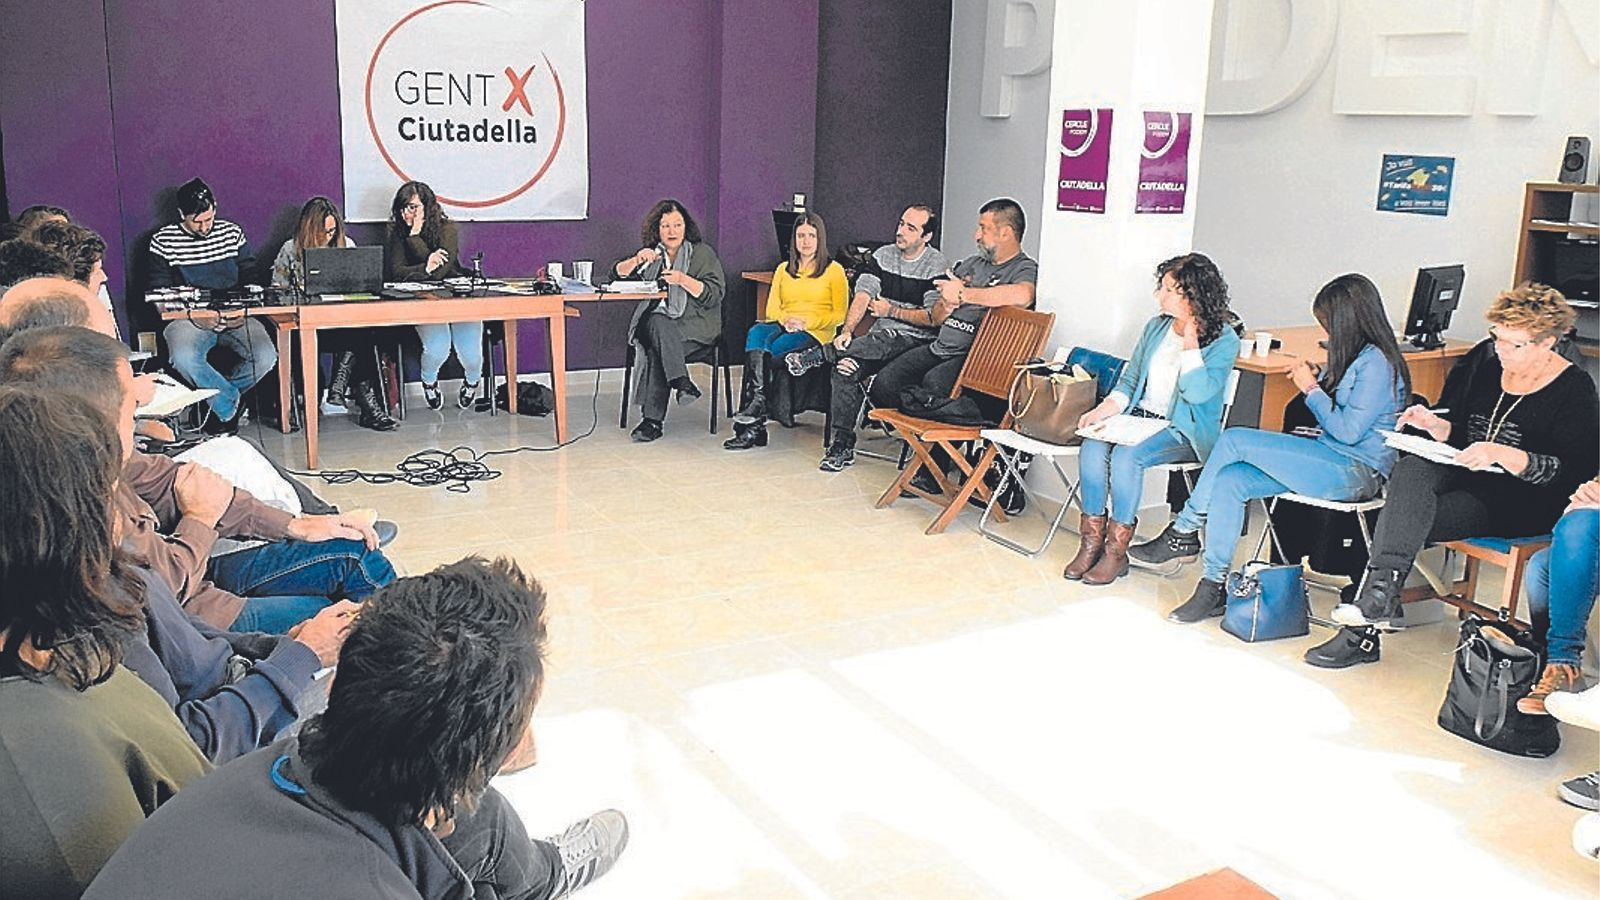 La secretària general de Podem, Mae de la Concha, es dirigeix als seus durant el Consell Ciutadà Autonòmic que tingué lloc ahir a Ciutadella.